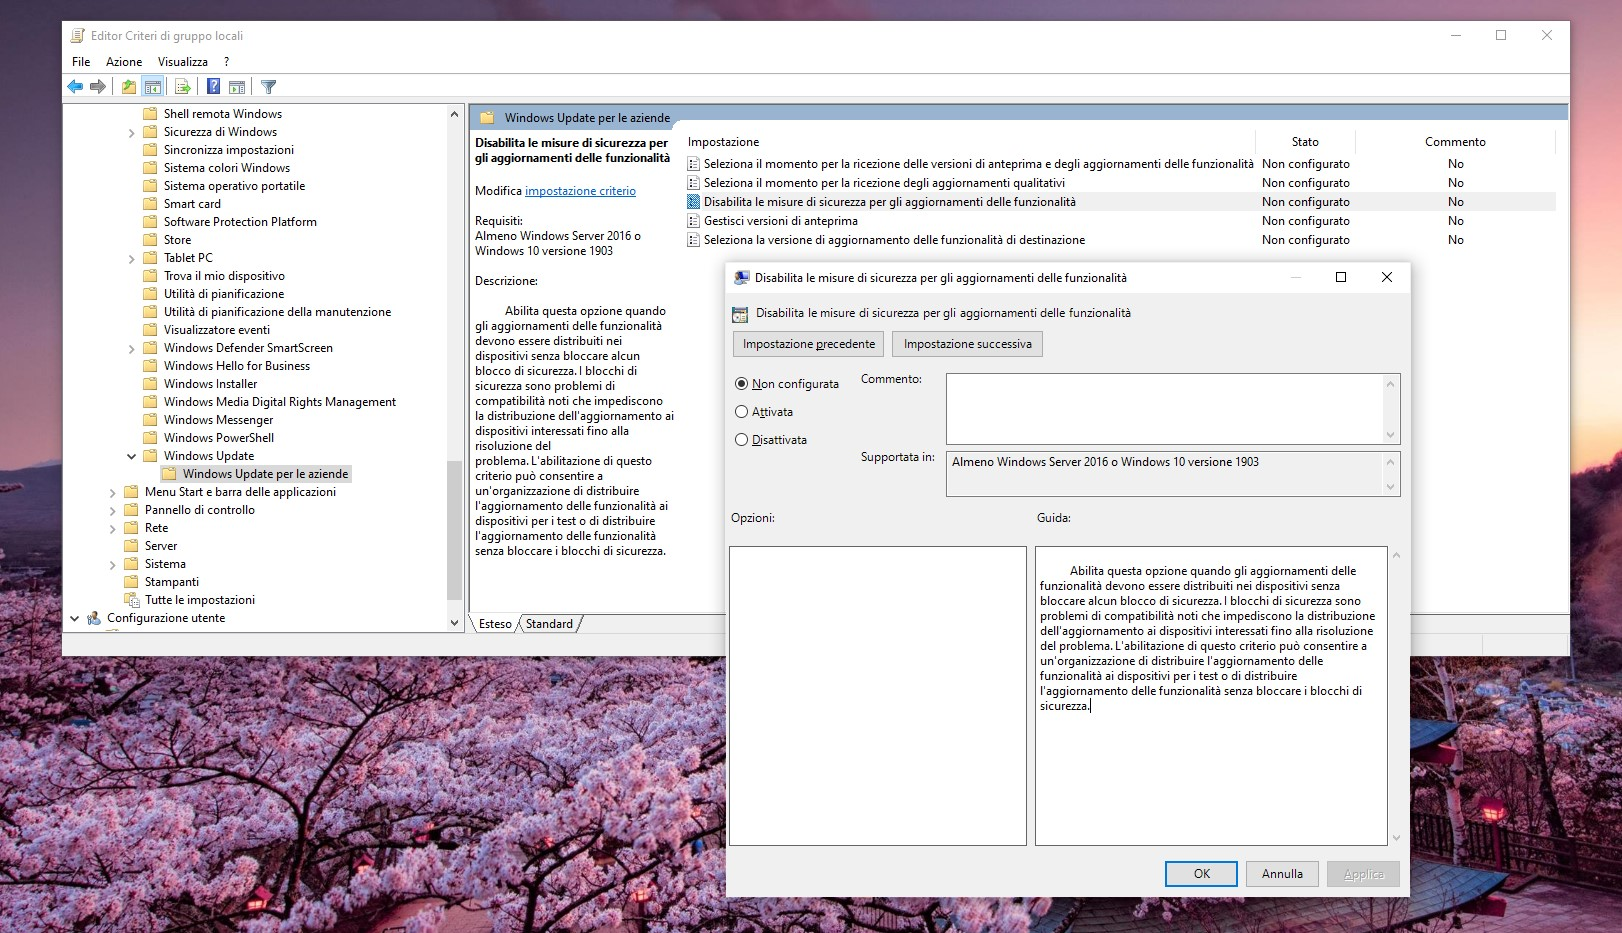 Criterio di gruppo locale di Windows 10 - Disabilitare le misure di sicurezza per gli aggiornamenti delle funzionalità